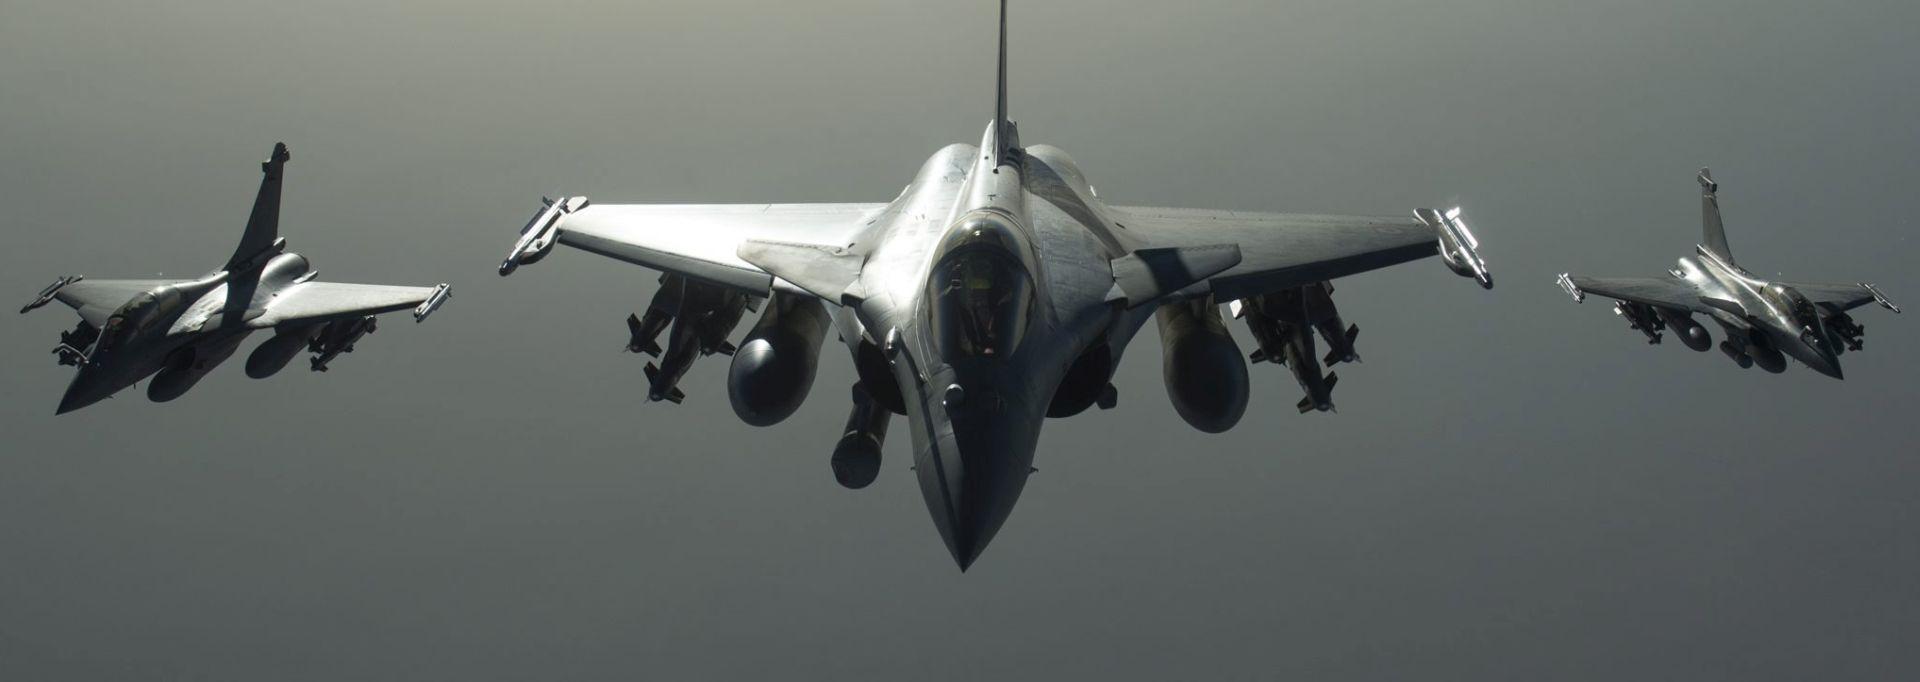 SAD i Rusija potpisali protokol o sprječavanju zračnih izgreda u Siriji